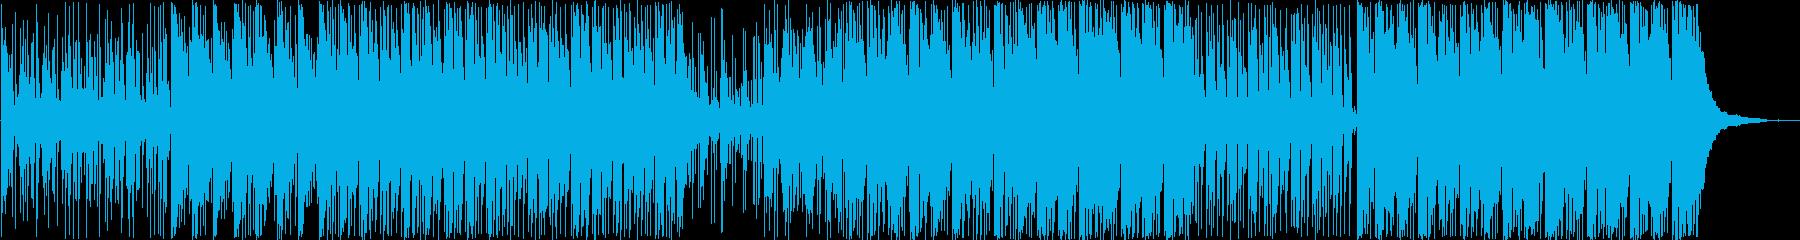 法人 サスペンス 技術的な 希望的...の再生済みの波形